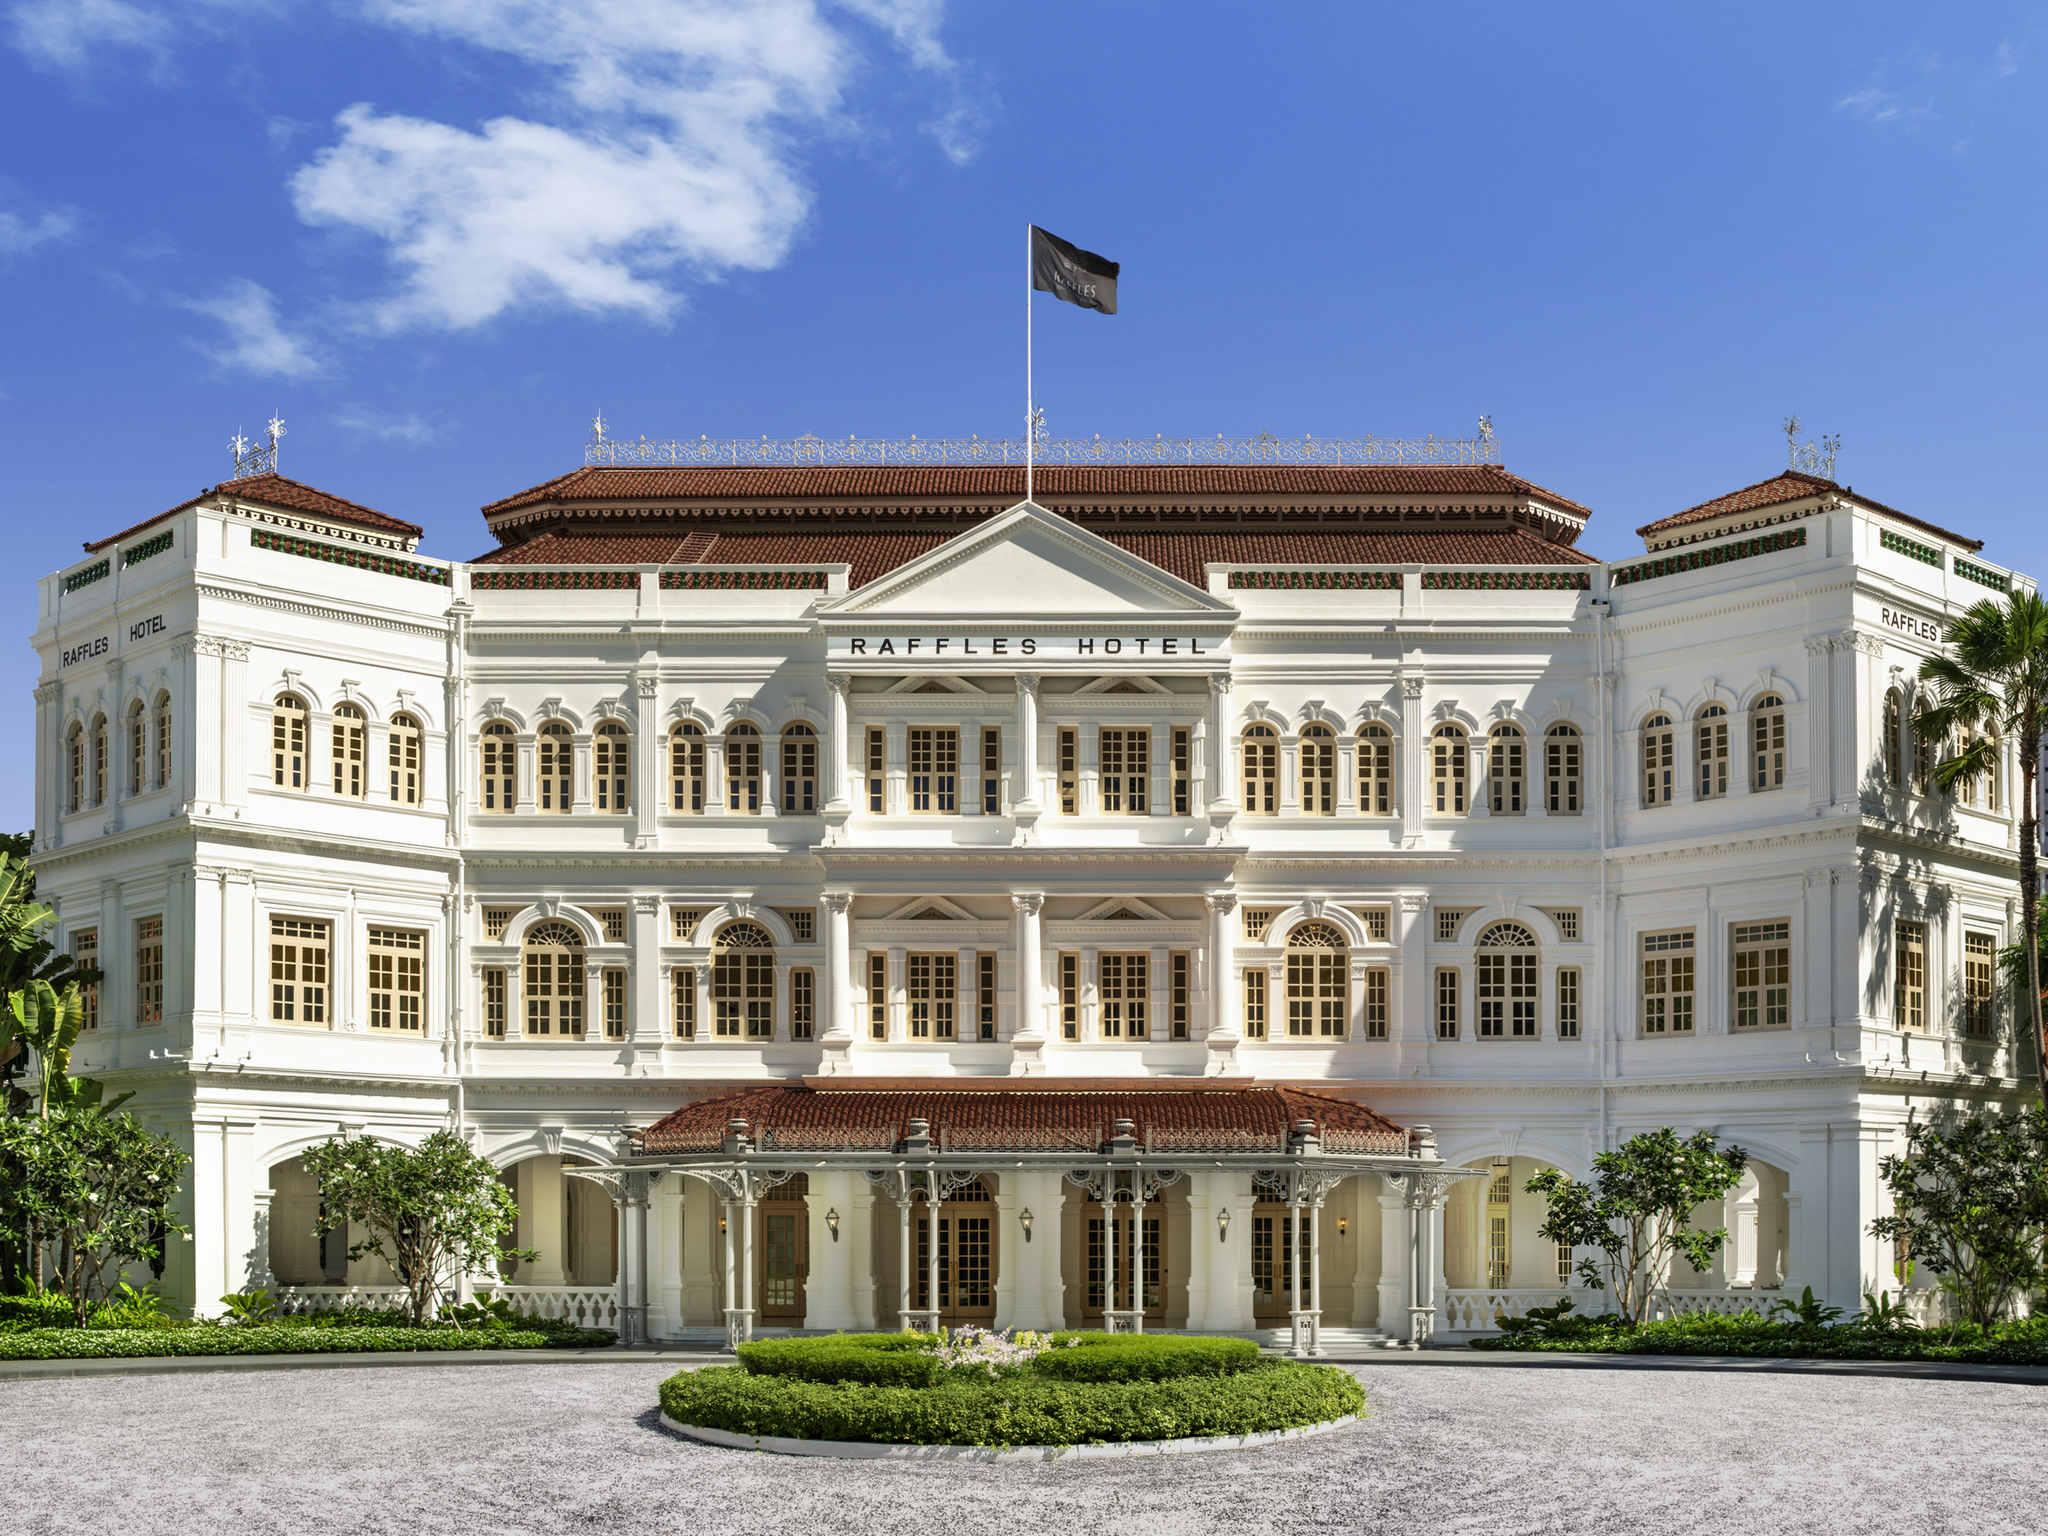 酒店 – 新加坡莱佛士酒店因翻修而暂时停业至 2018 下半年